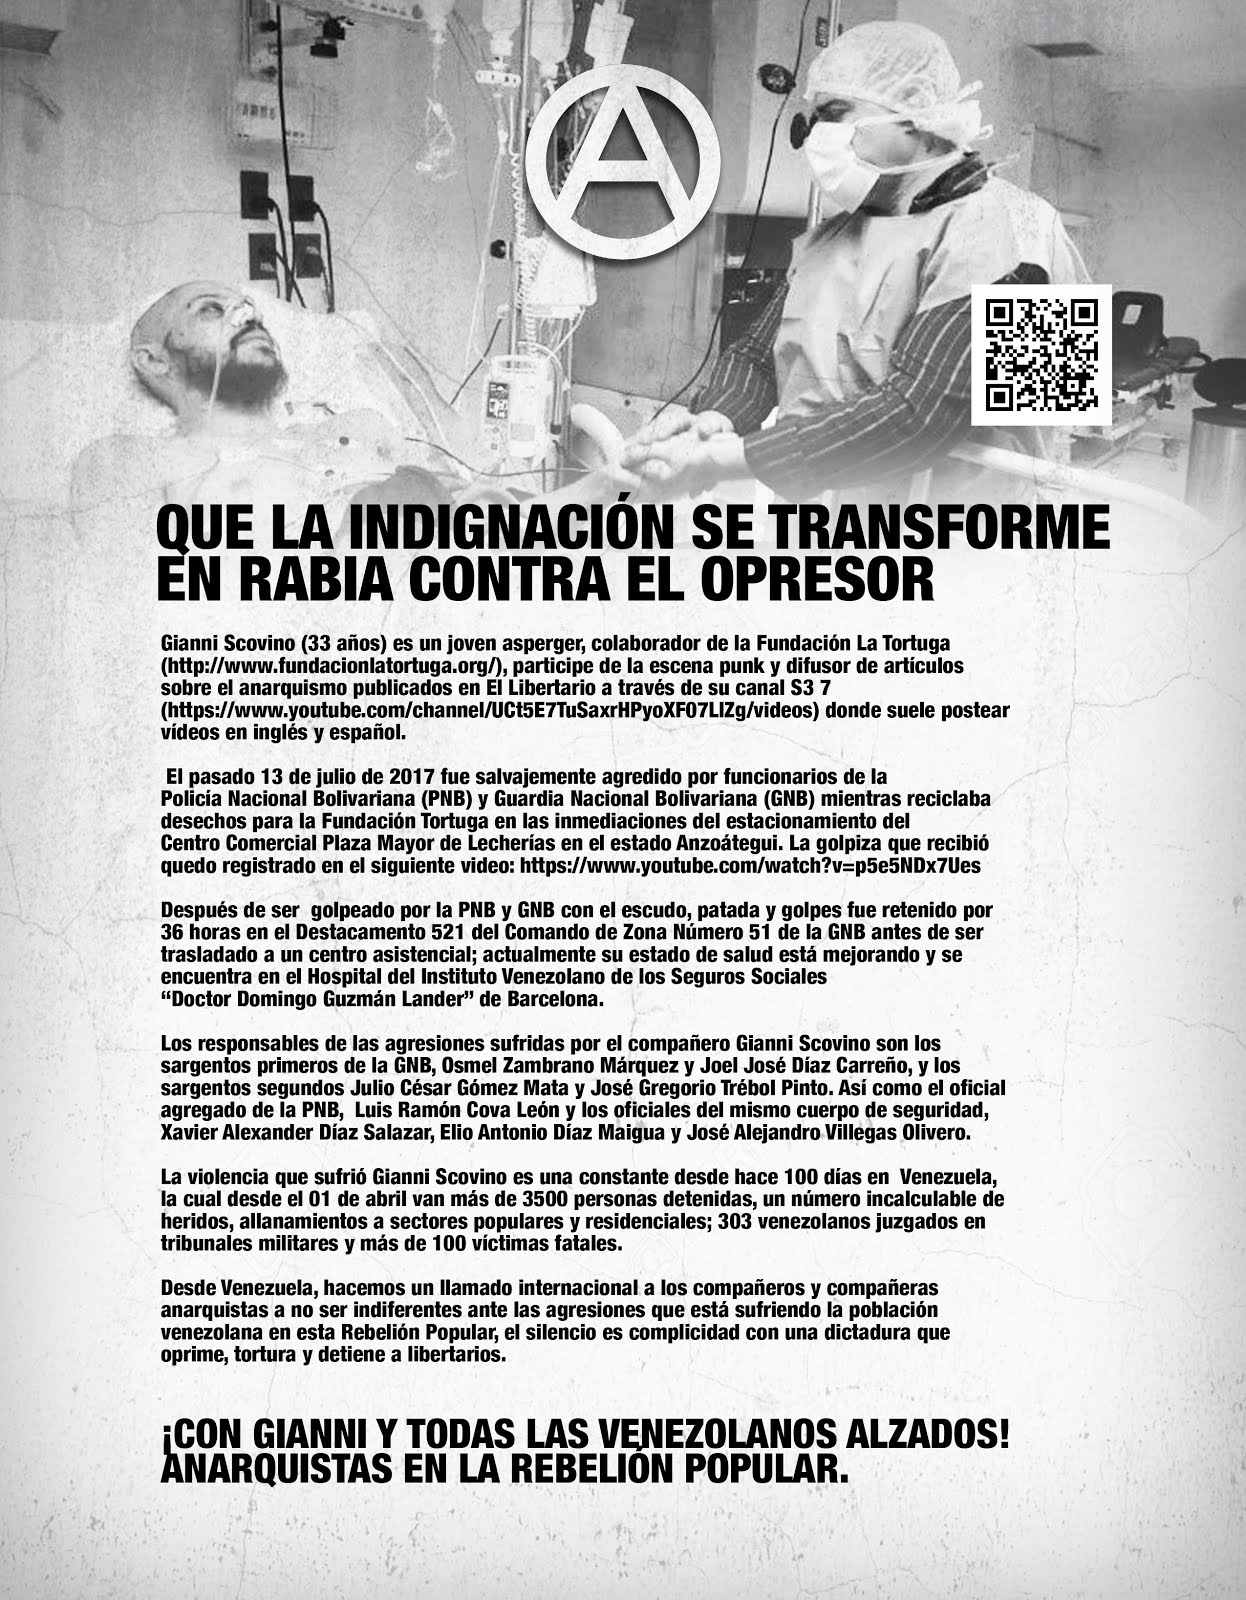 Solidaridad con Gianni Scovino